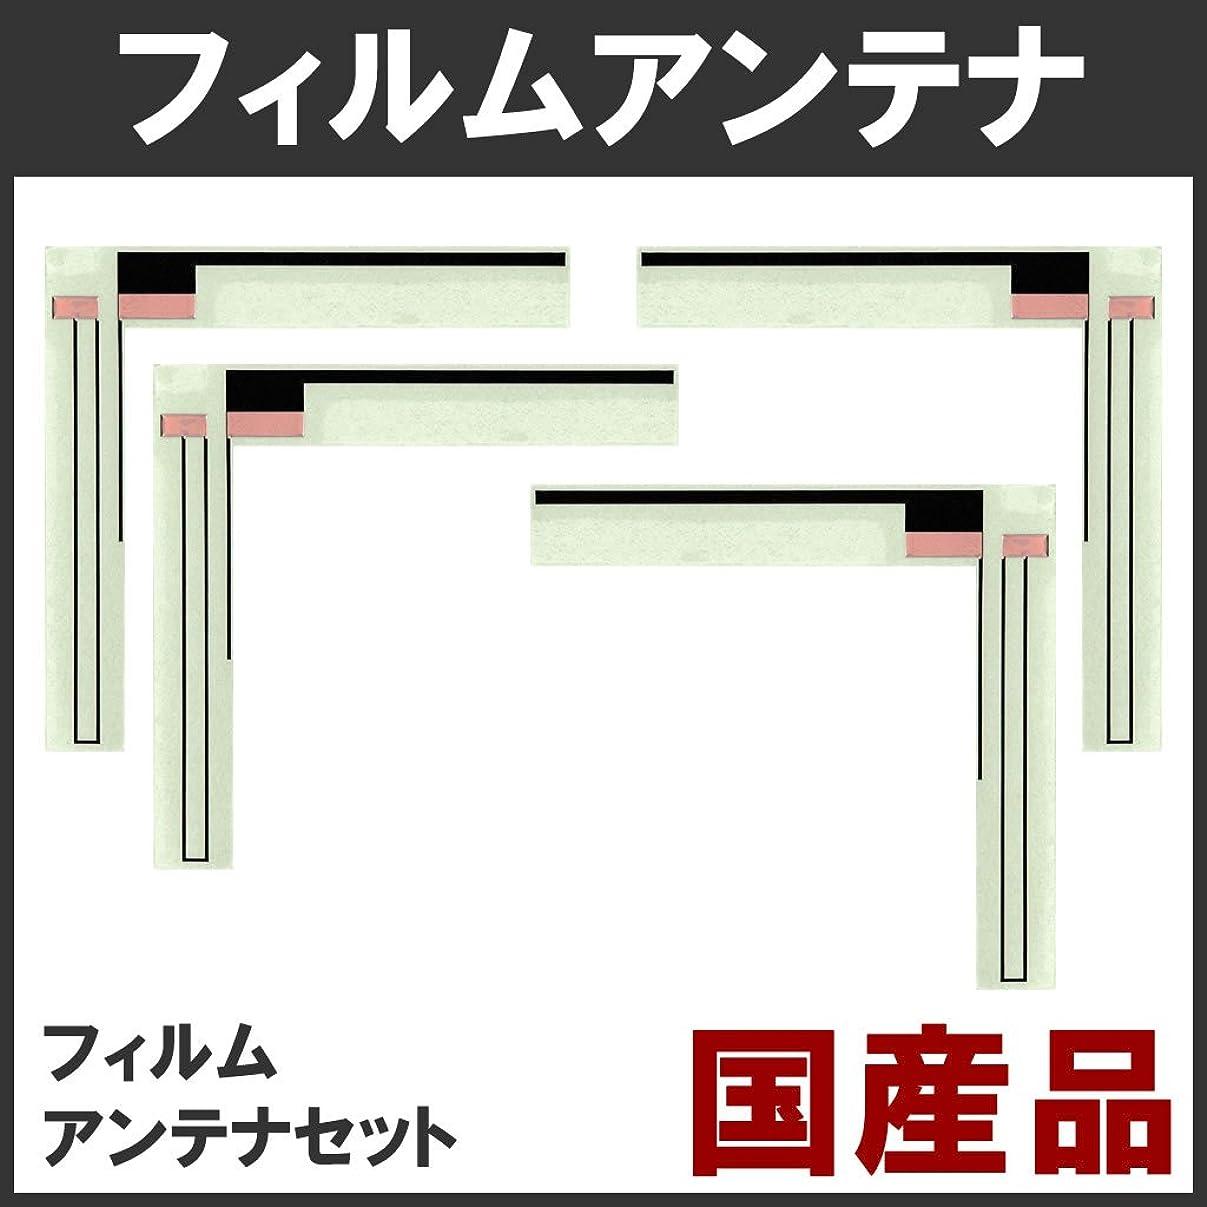 想像する快適光電DIATONE SOUND. NAVI NR-MZ90 対応 高感度フィルムアンテナ(三菱電機) [ L型 4枚 ]